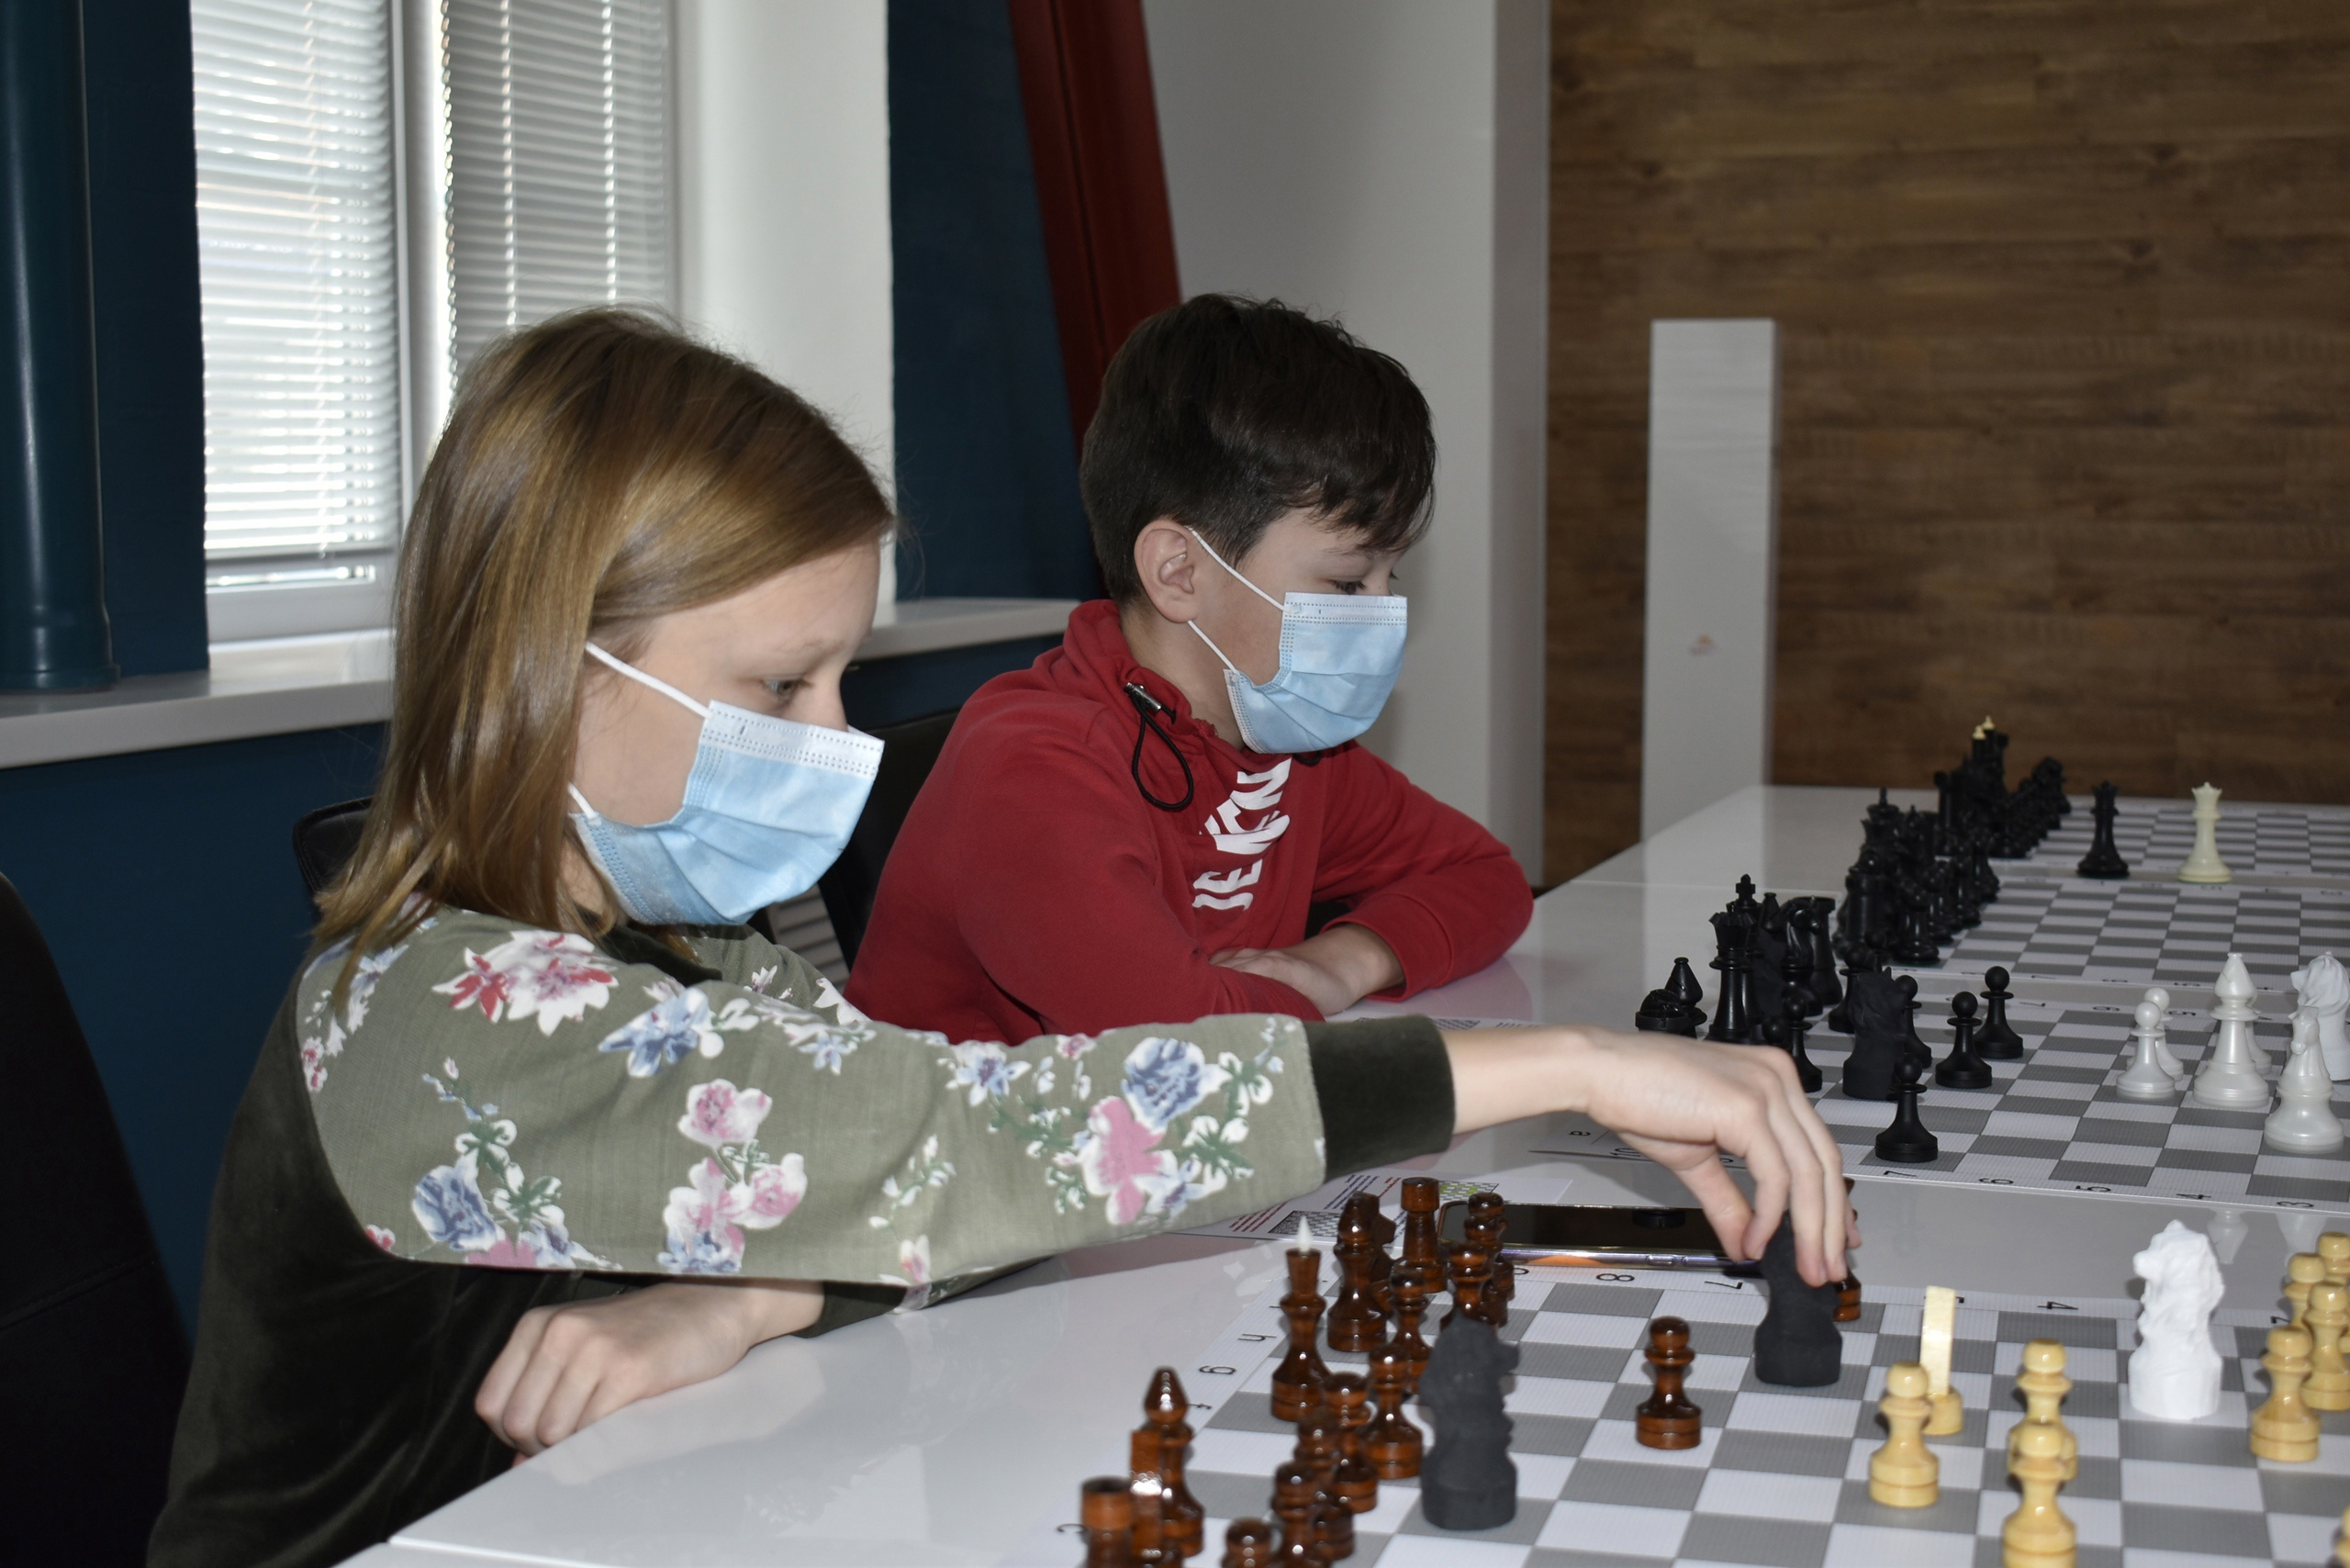 В Твери сыграли в медвежьи шахматы и обсудили роботов-шахматистов